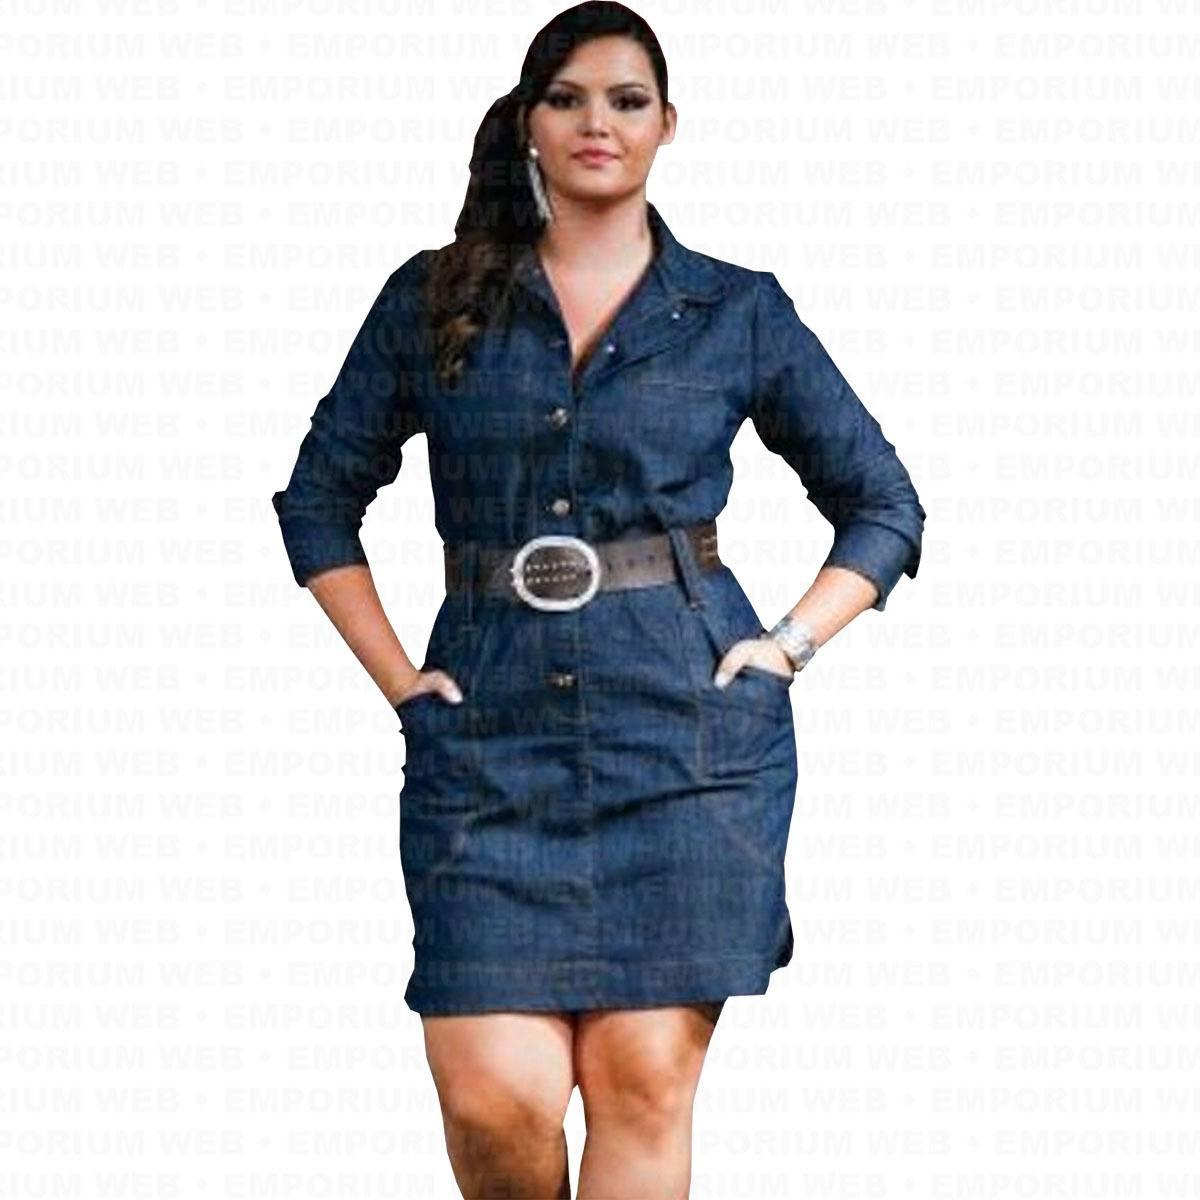 Vestido Jeans Midi Manga Longa com Botões Frontal - Azul Escuro